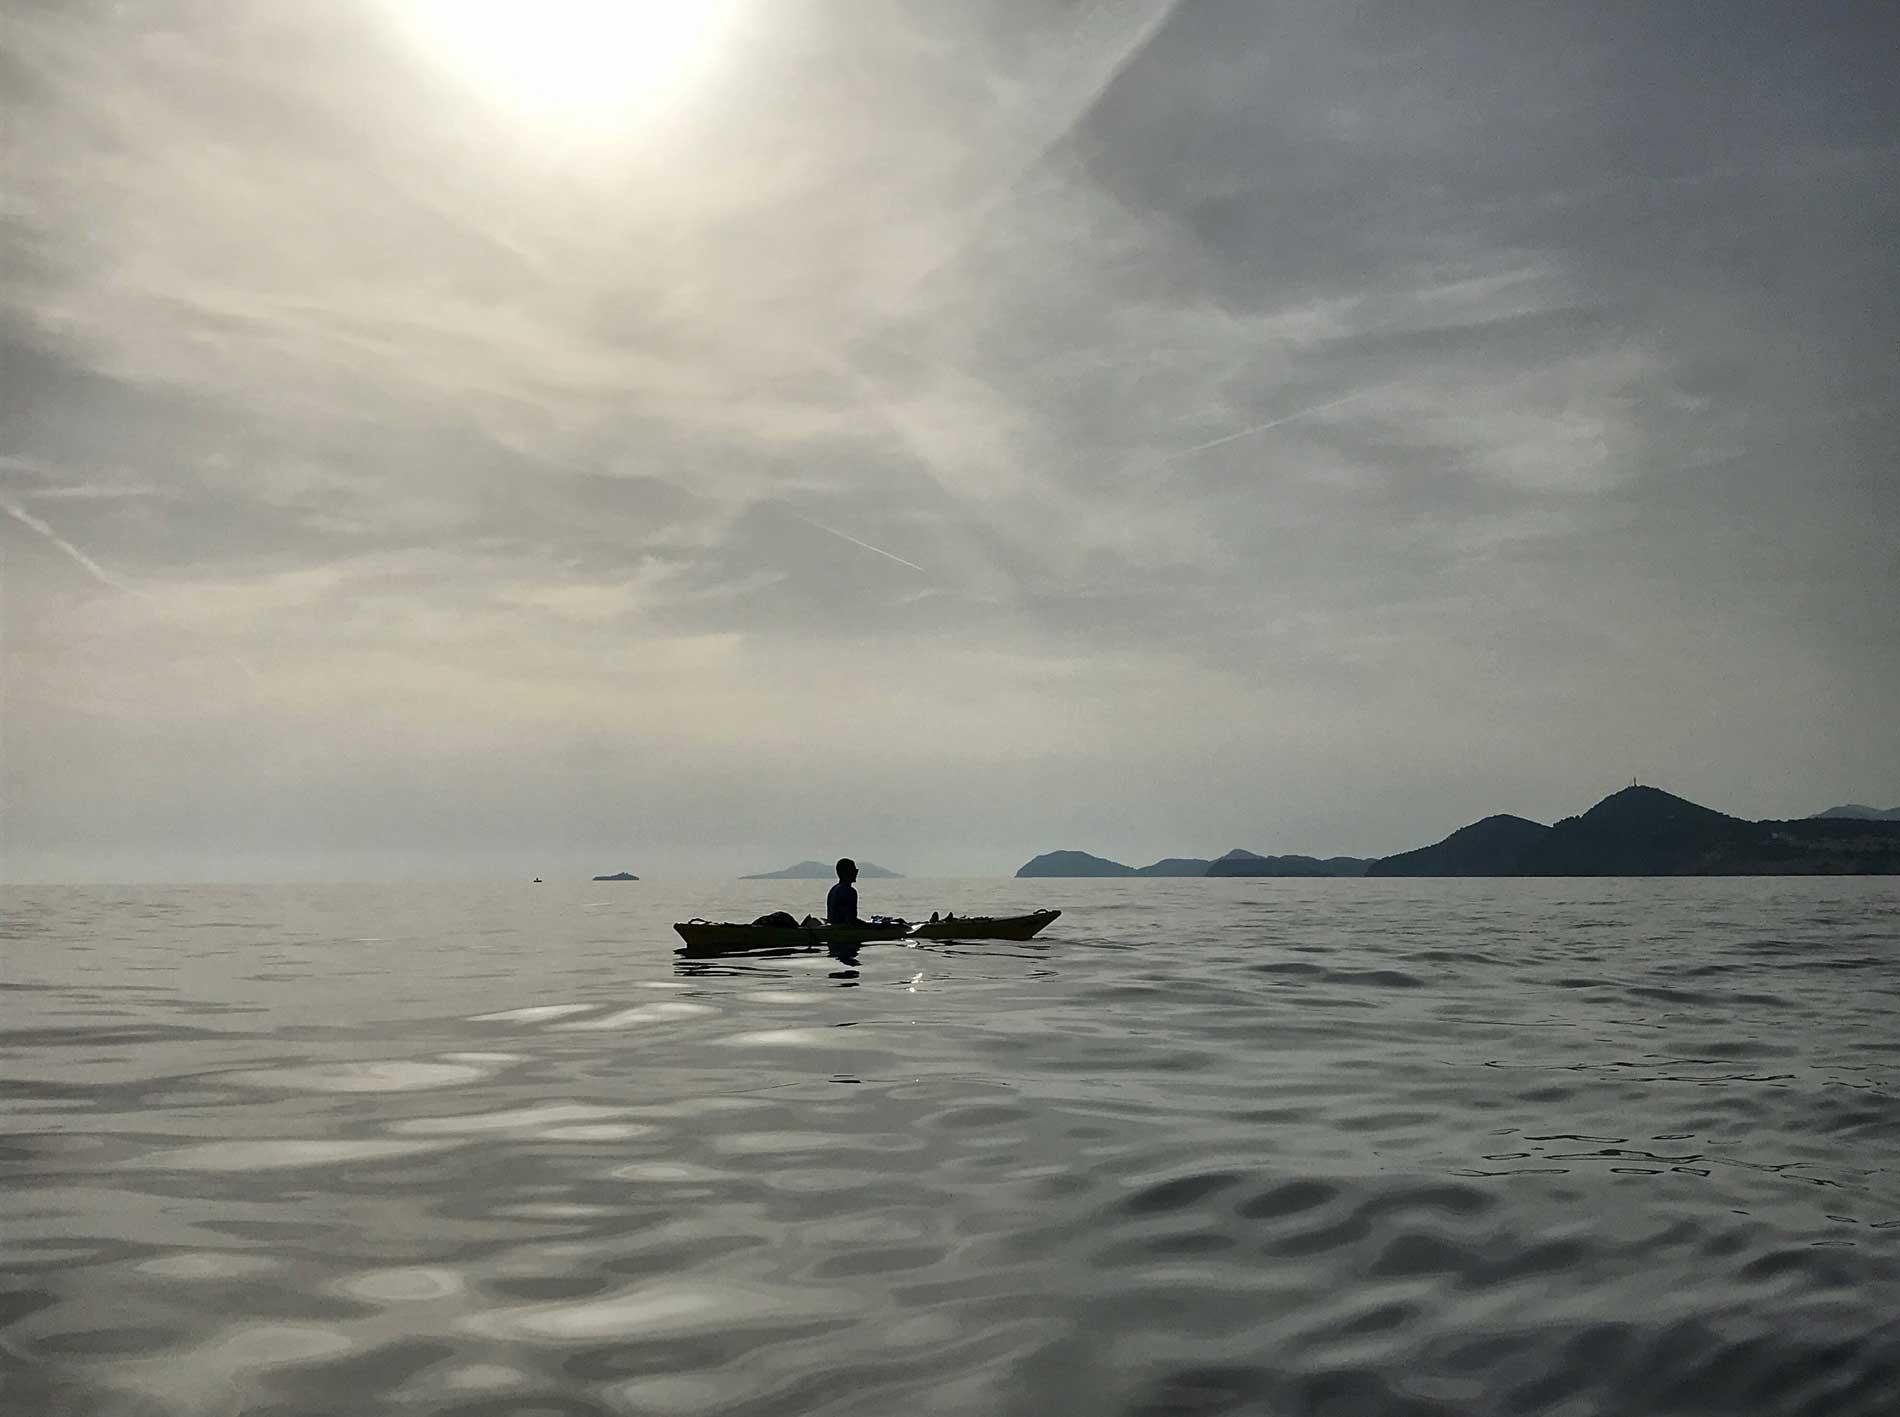 Dubrovnik-Croazia-Marko-adventure-Dubrovnik-kayak-controluce